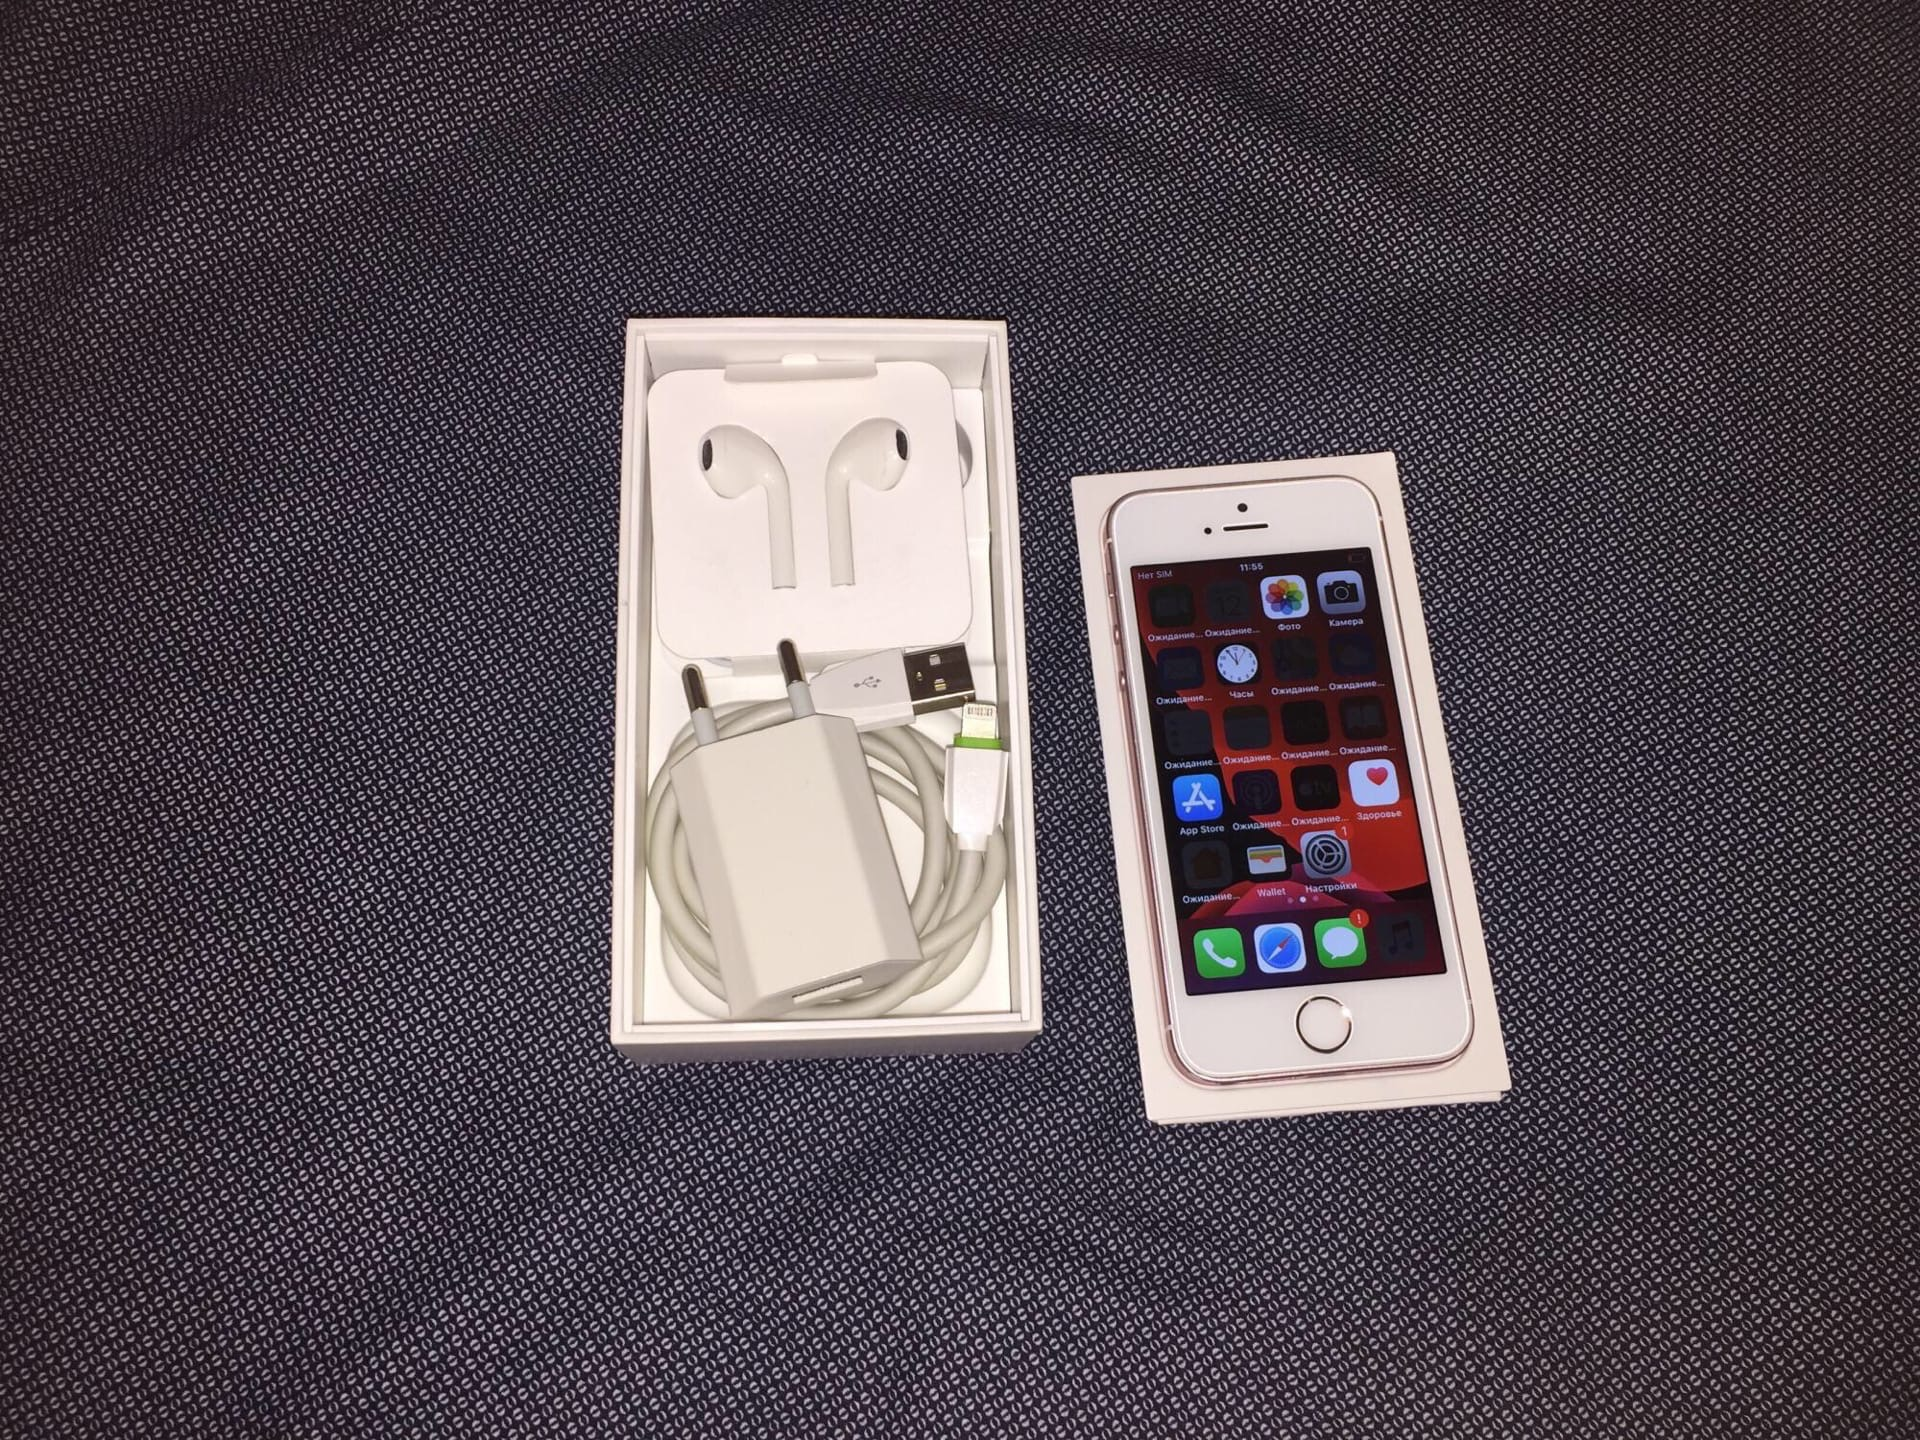 Купить iPhone SE в отличном состоянии. Все | Объявления Орска и Новотроицка №2975